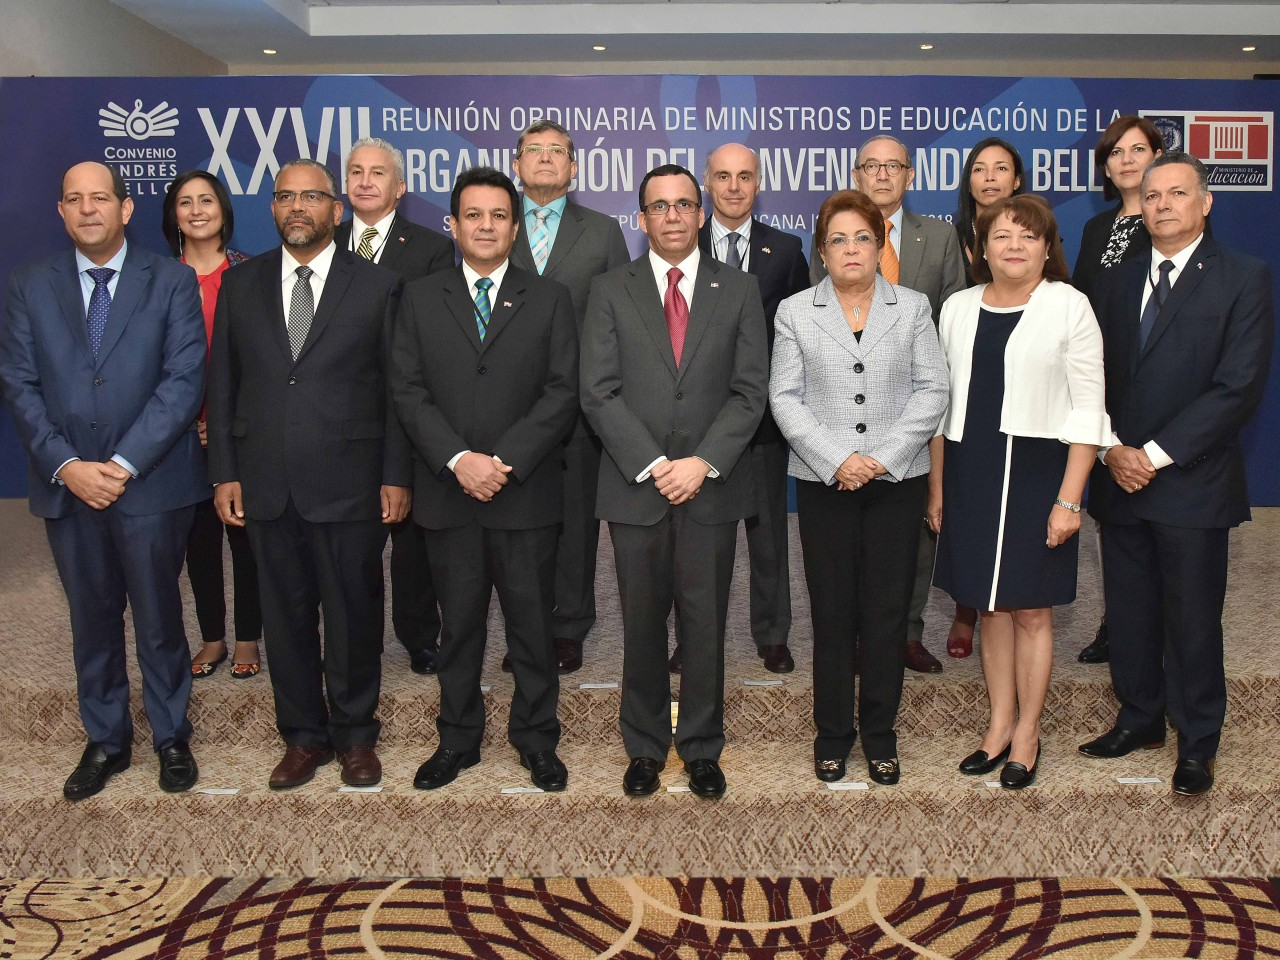 imagen El Ministros de Educación que forman parte del Convenio Andrés Bello están de pie en foto oficial del evento